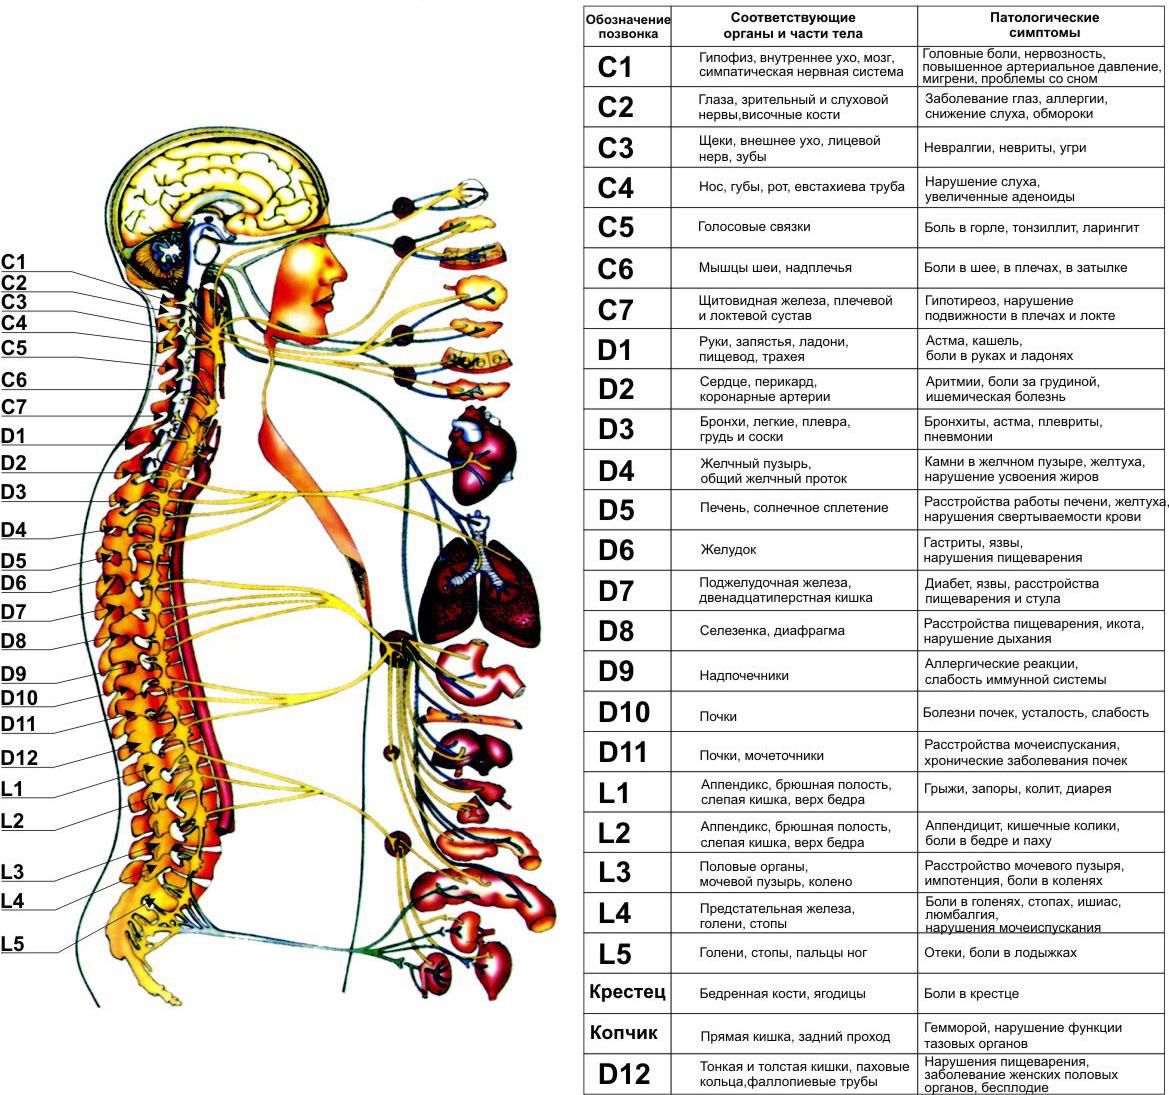 Остеохондроз спины народные методы лечения